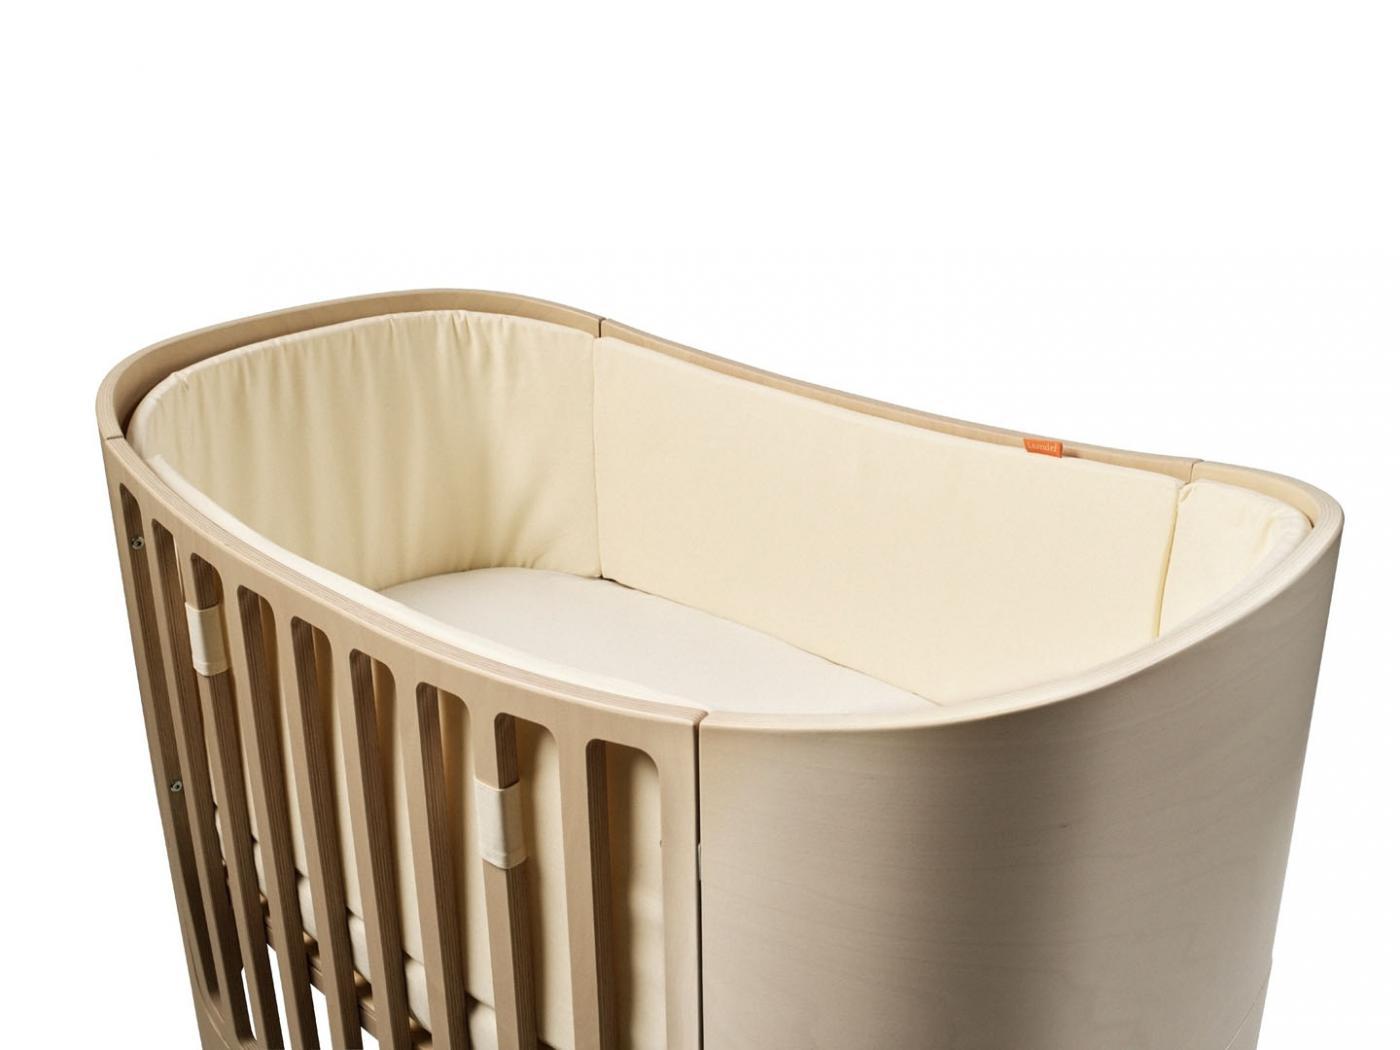 leander tour de lit vanille pour lit b b volutif. Black Bedroom Furniture Sets. Home Design Ideas